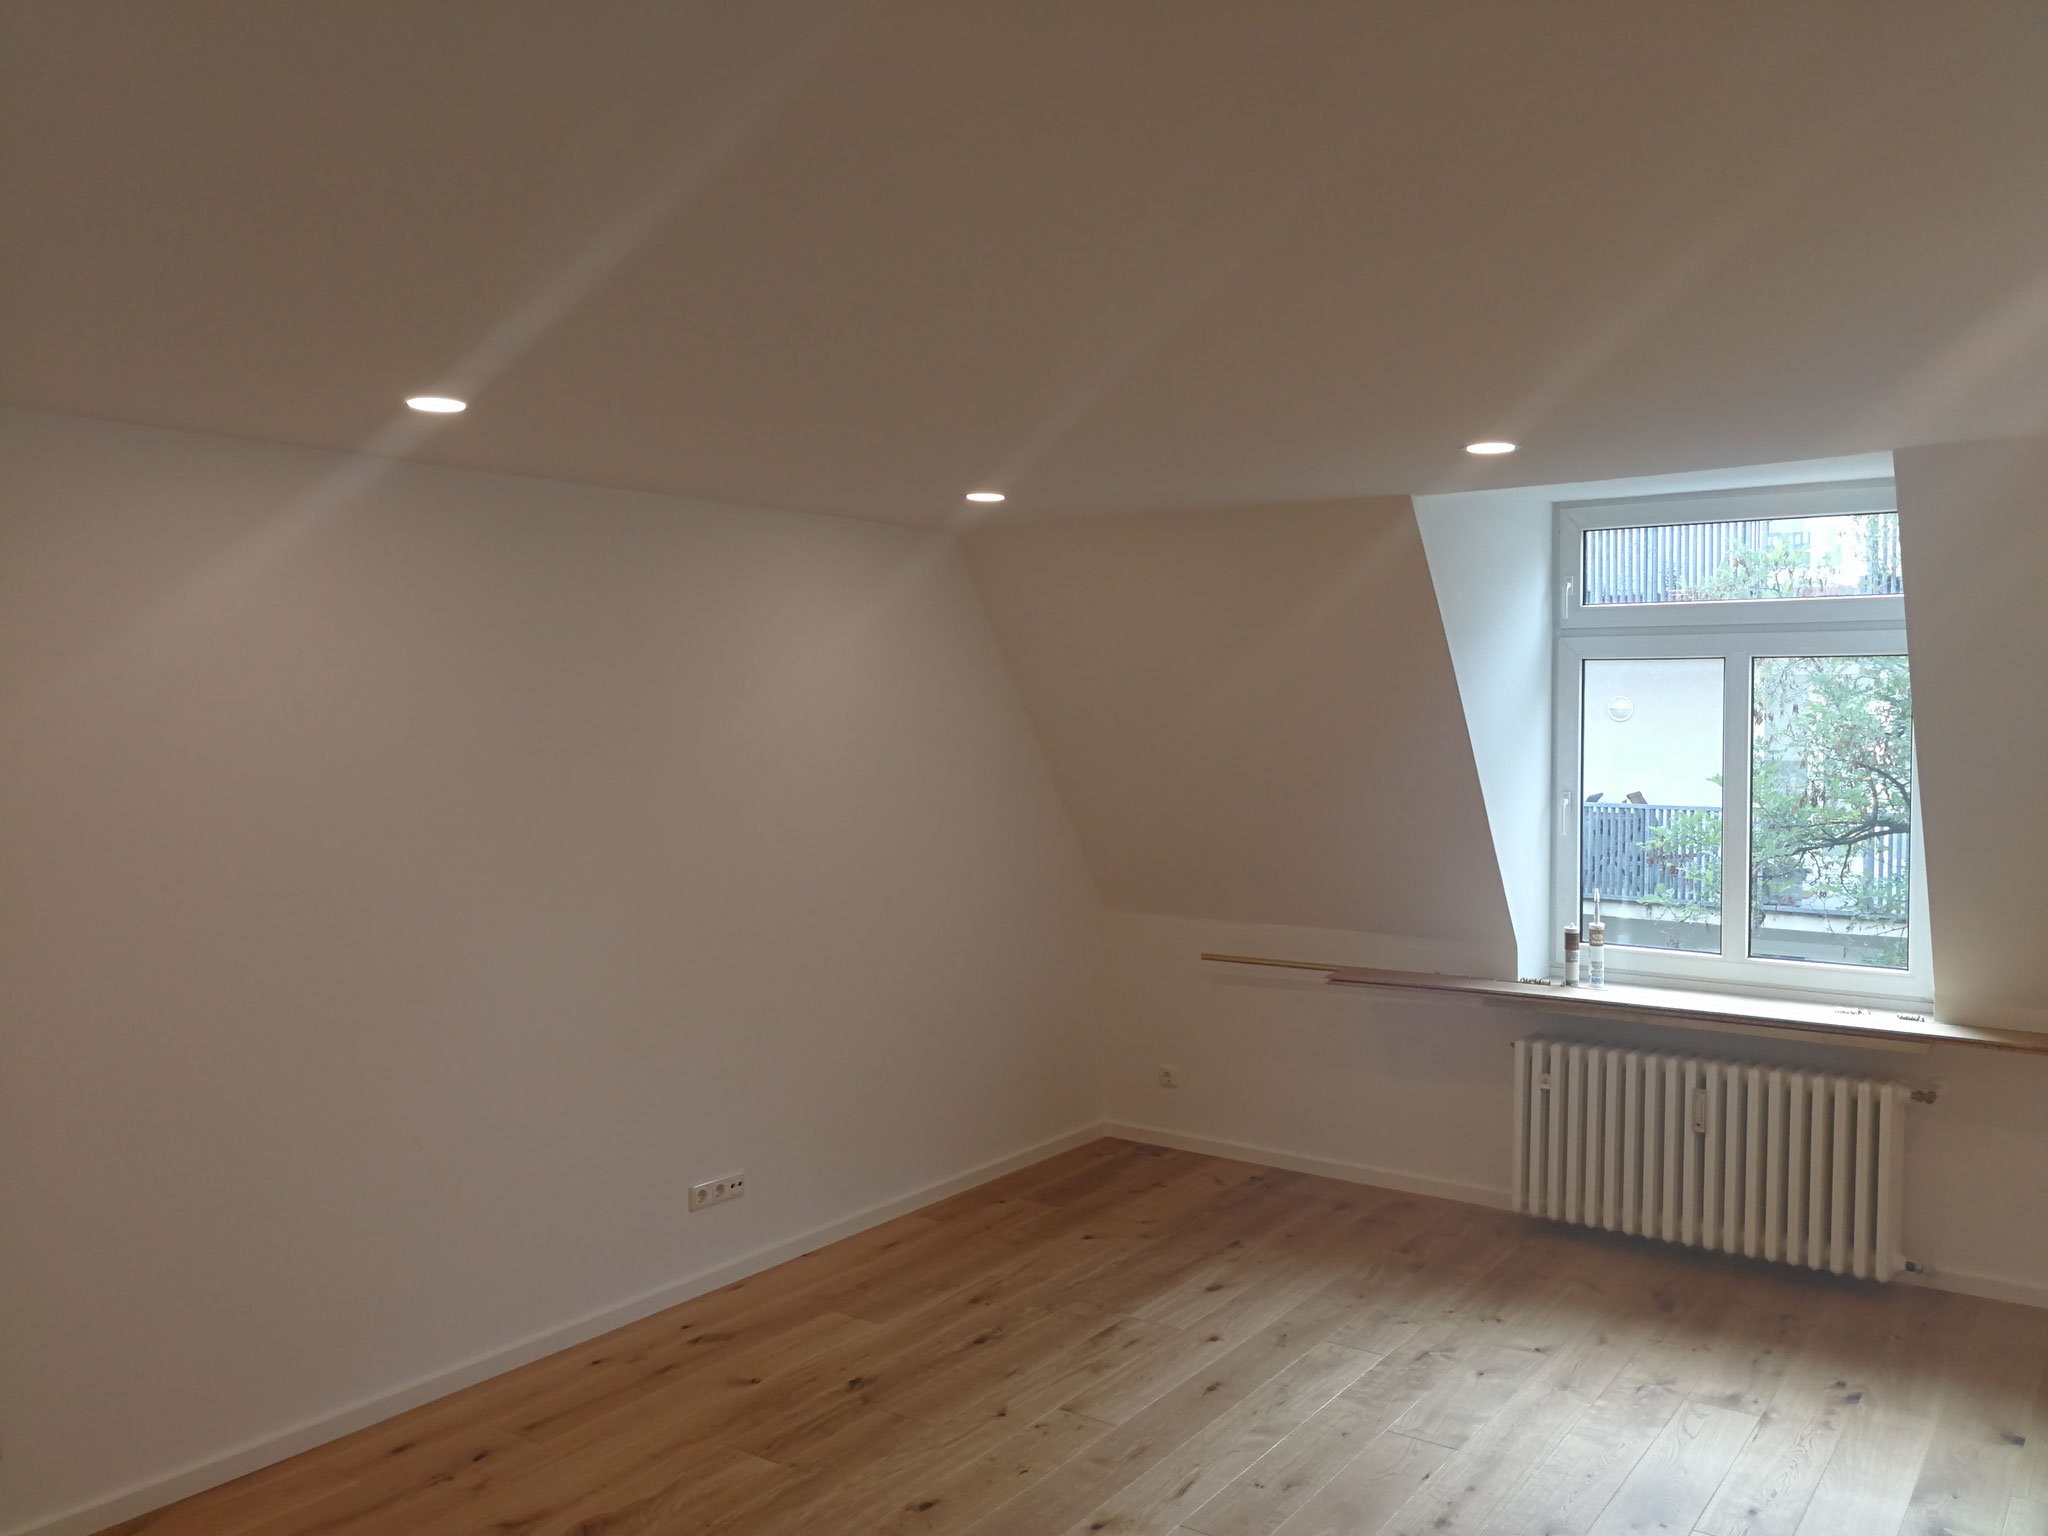 Fertigstellung Wohnzimmer